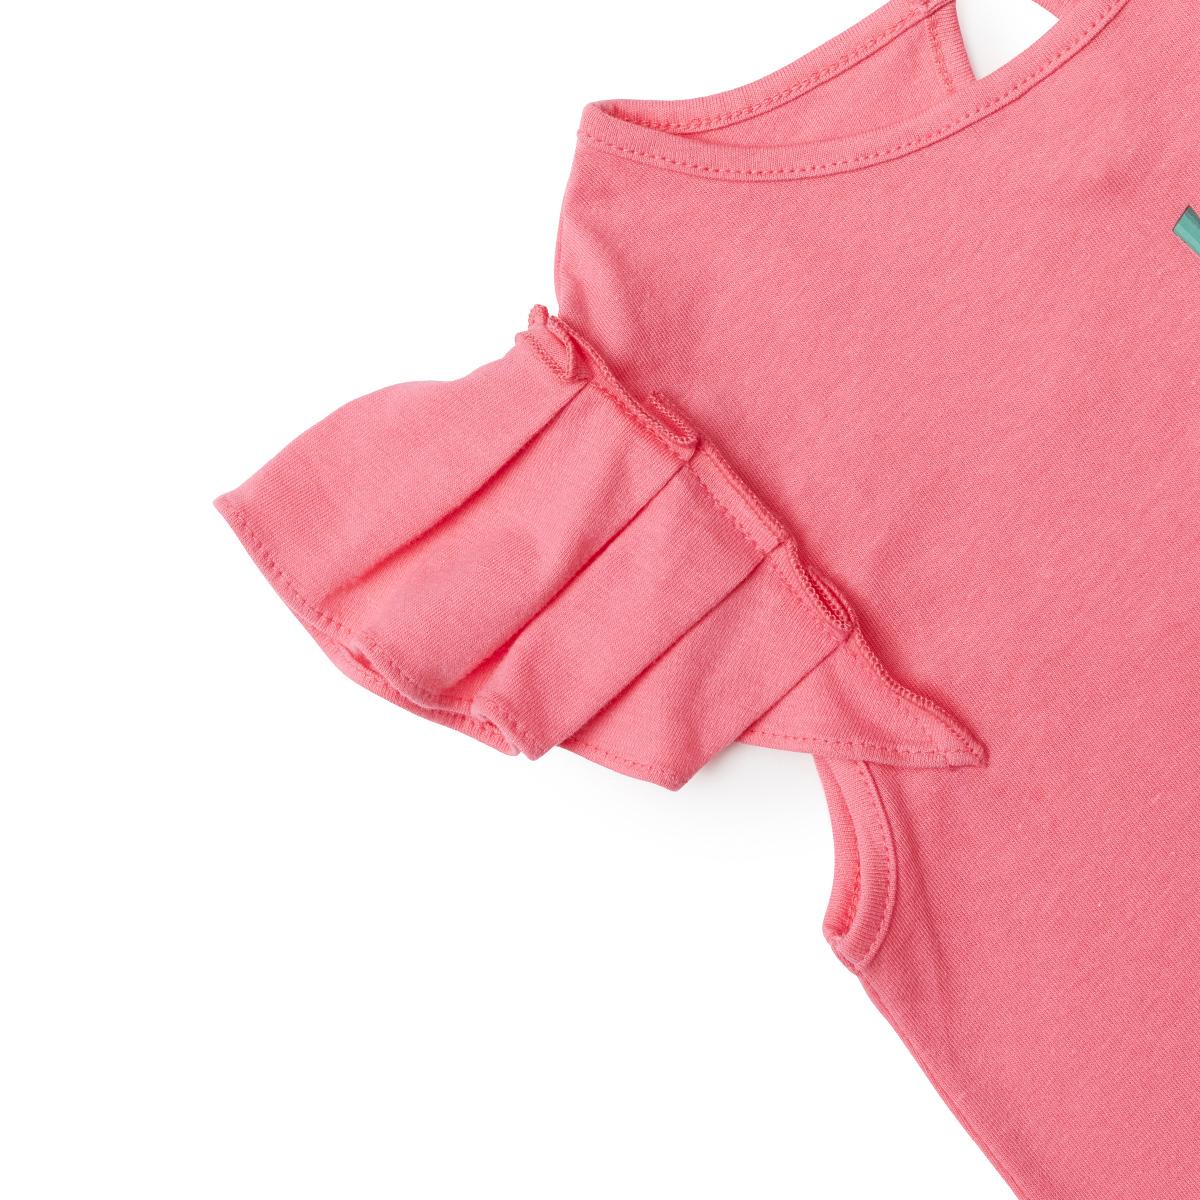 핫핑크 과일 샐리 키즈 셔링 민소매 티셔츠